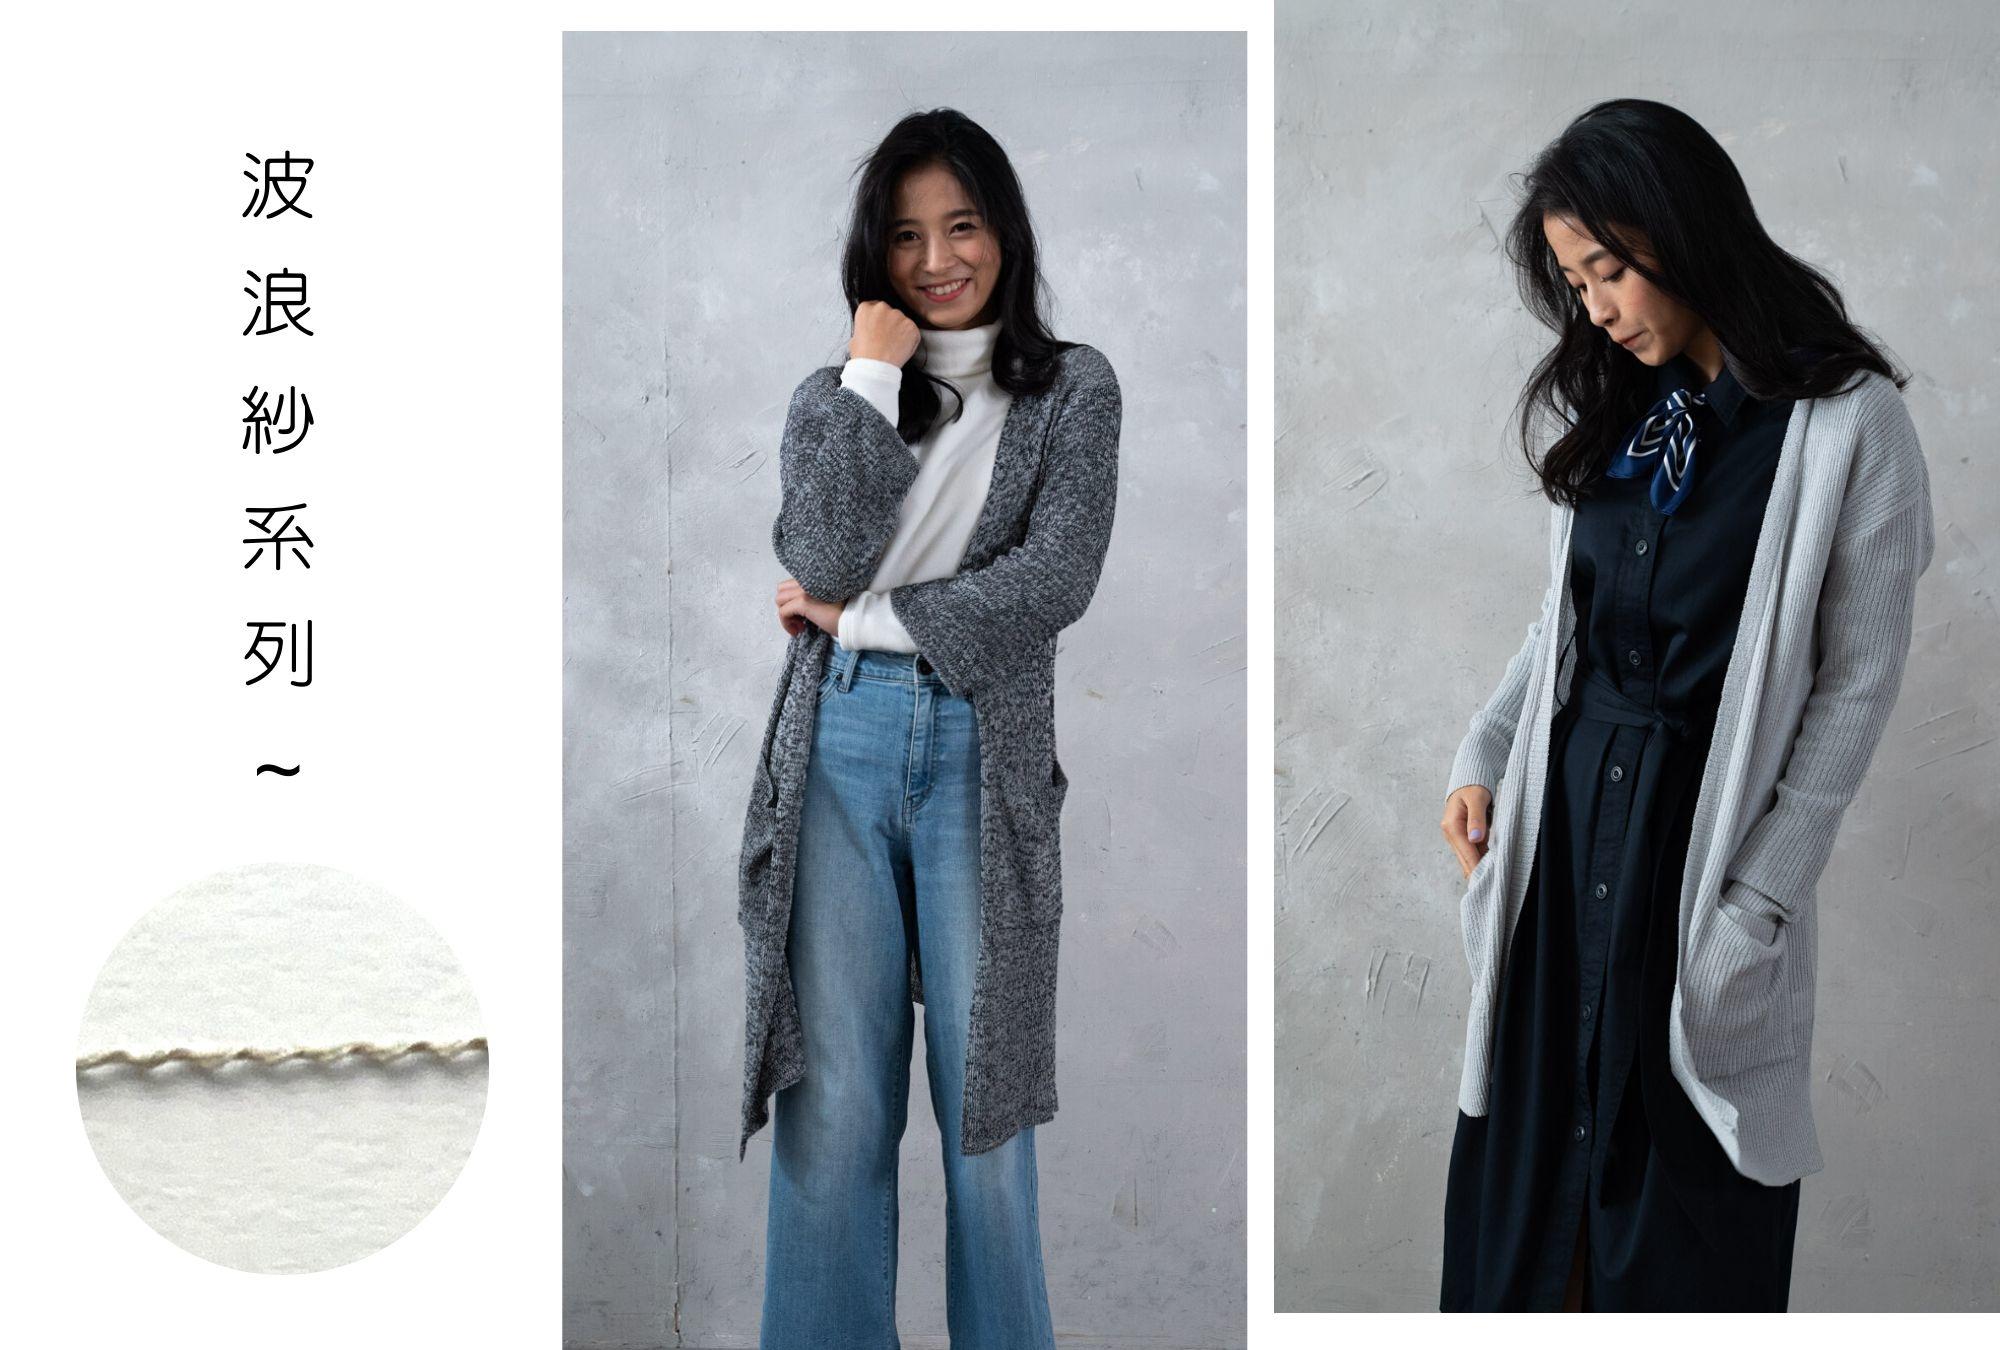 乾爽透氣的MIT針織外套冷氣房穿搭必備薄外套